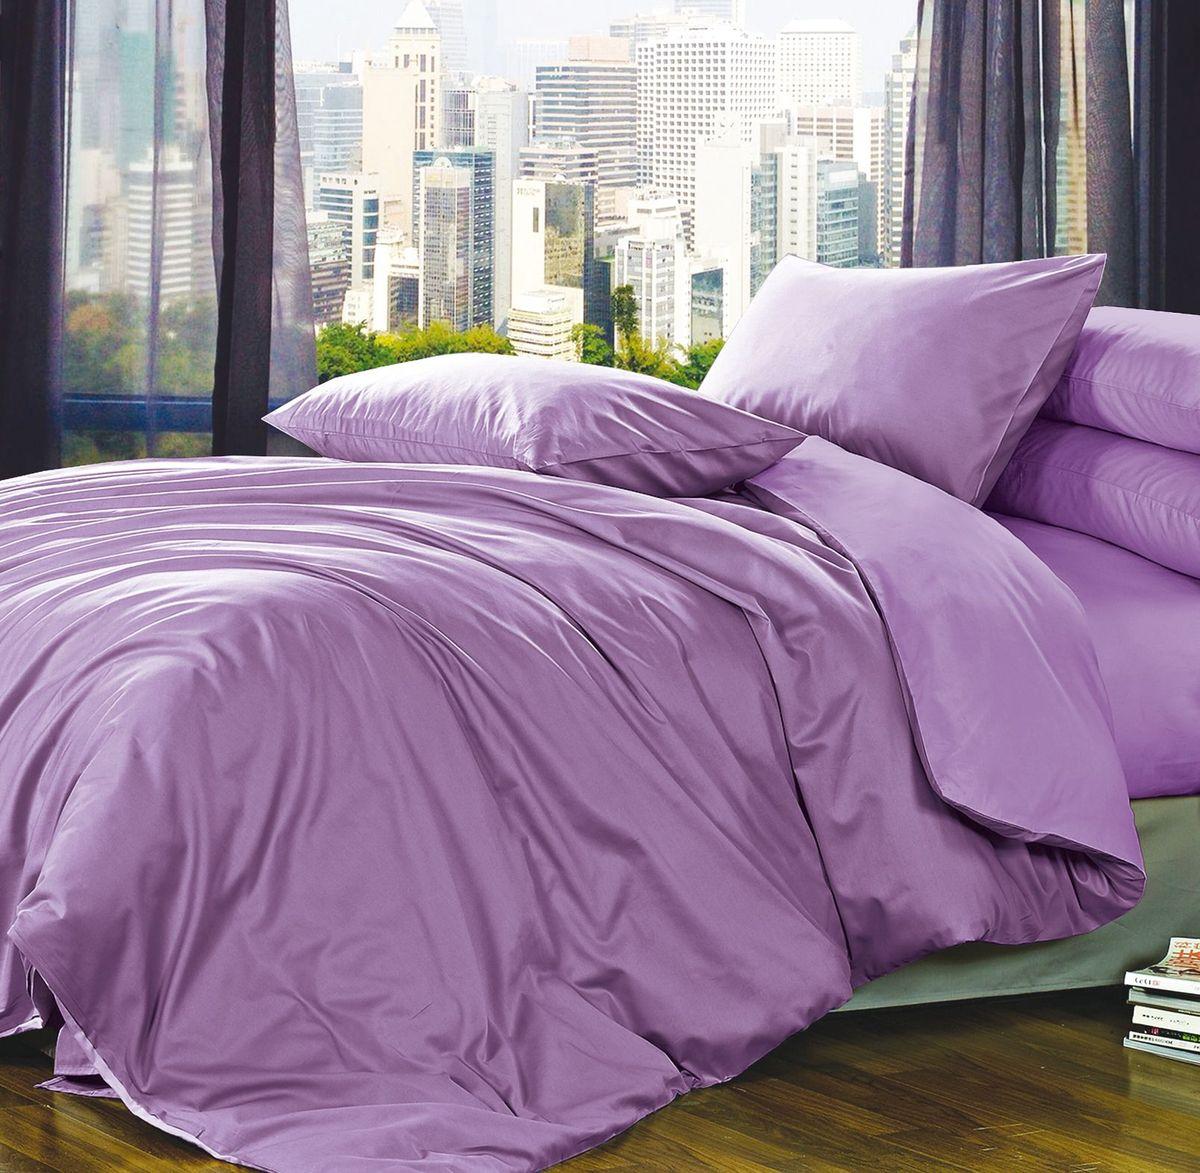 Комплект белья Коллекция Фиолетовый, семейный, наволочки 50x70. ПС5/50/ОЗ/фПС5/50/ОЗ/ф